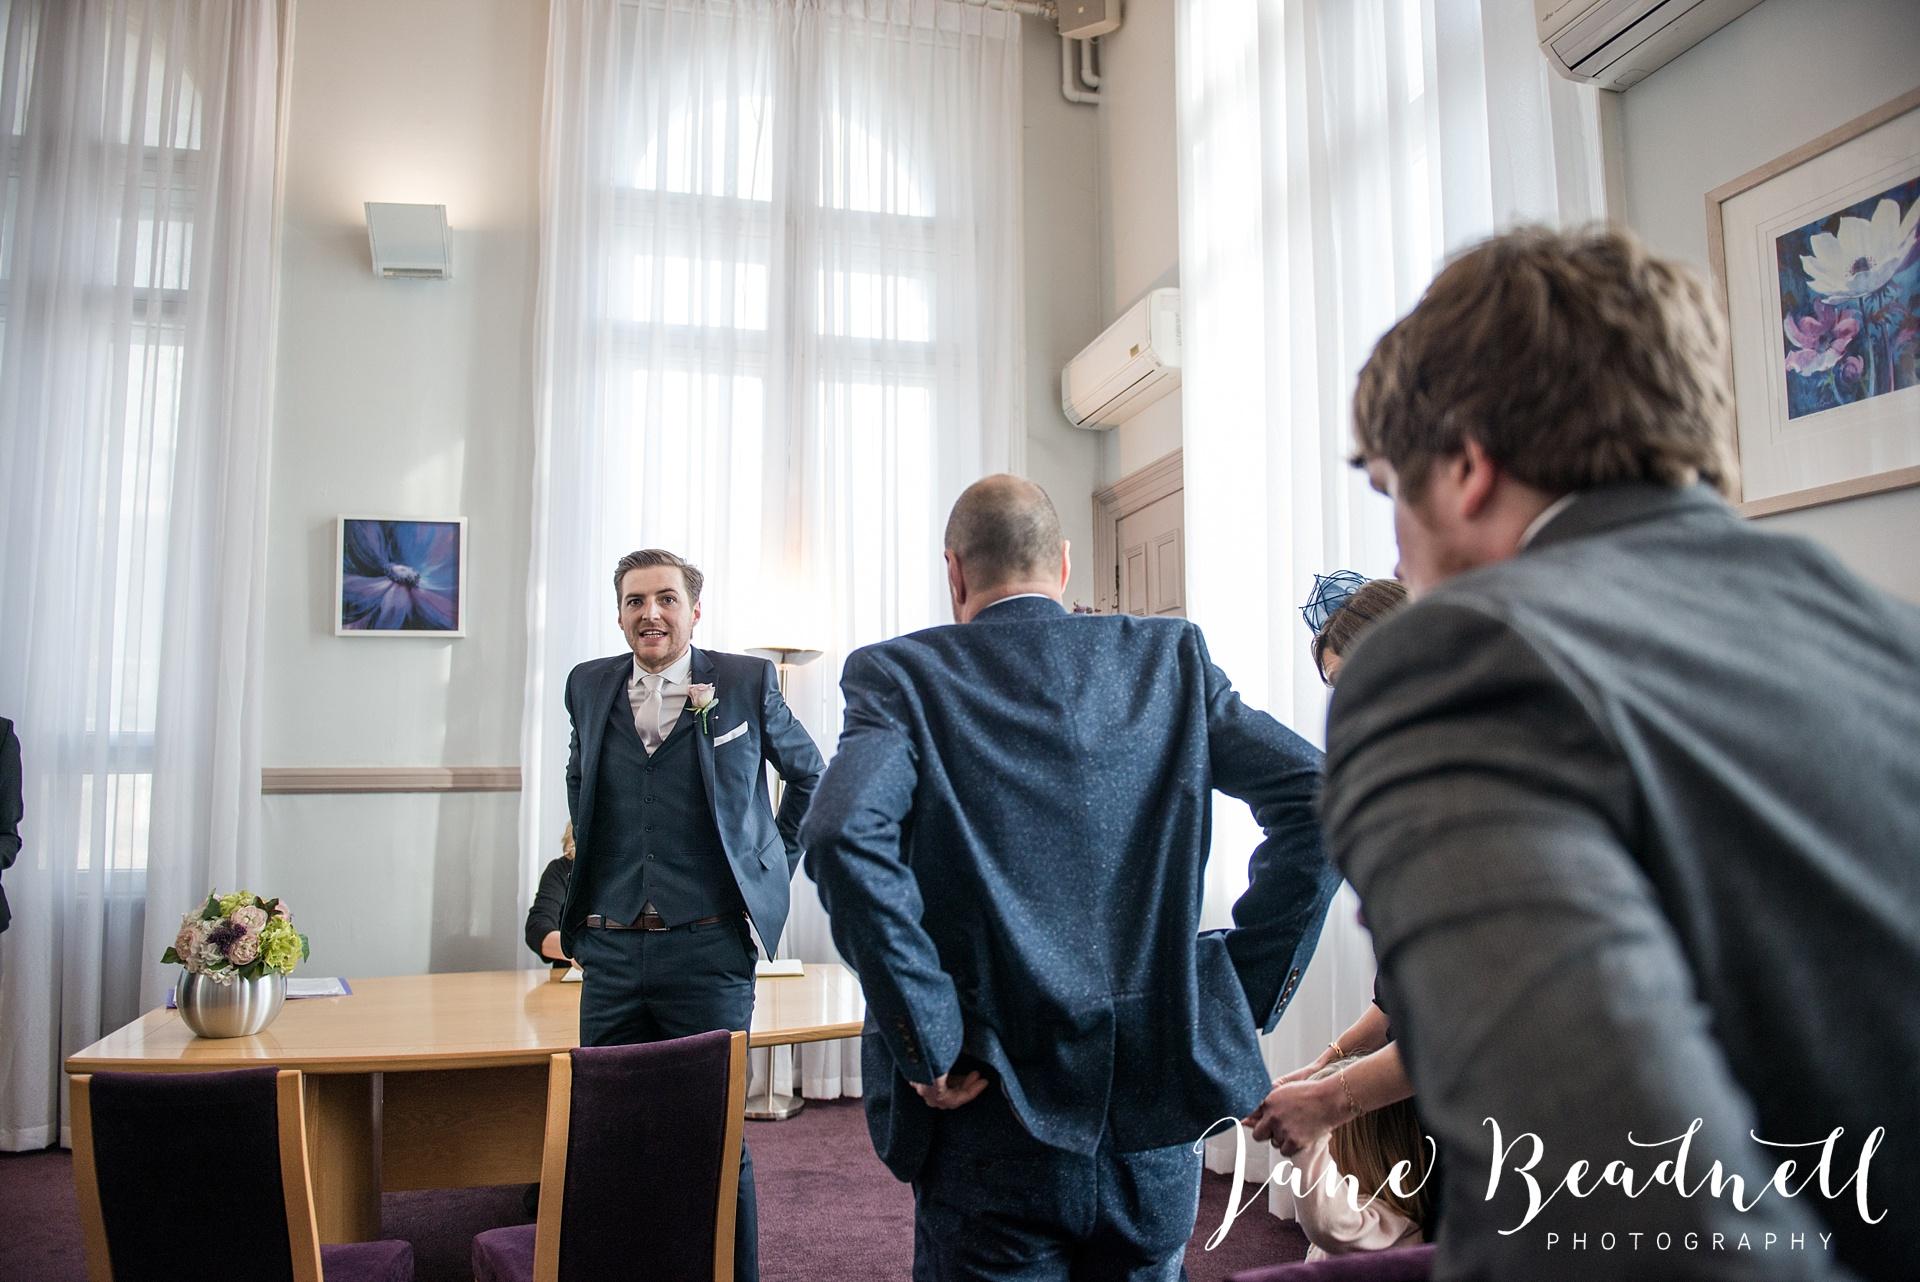 Wedding photography Cross Keys Leeds Wedding Jane Beadnell Photography_0025